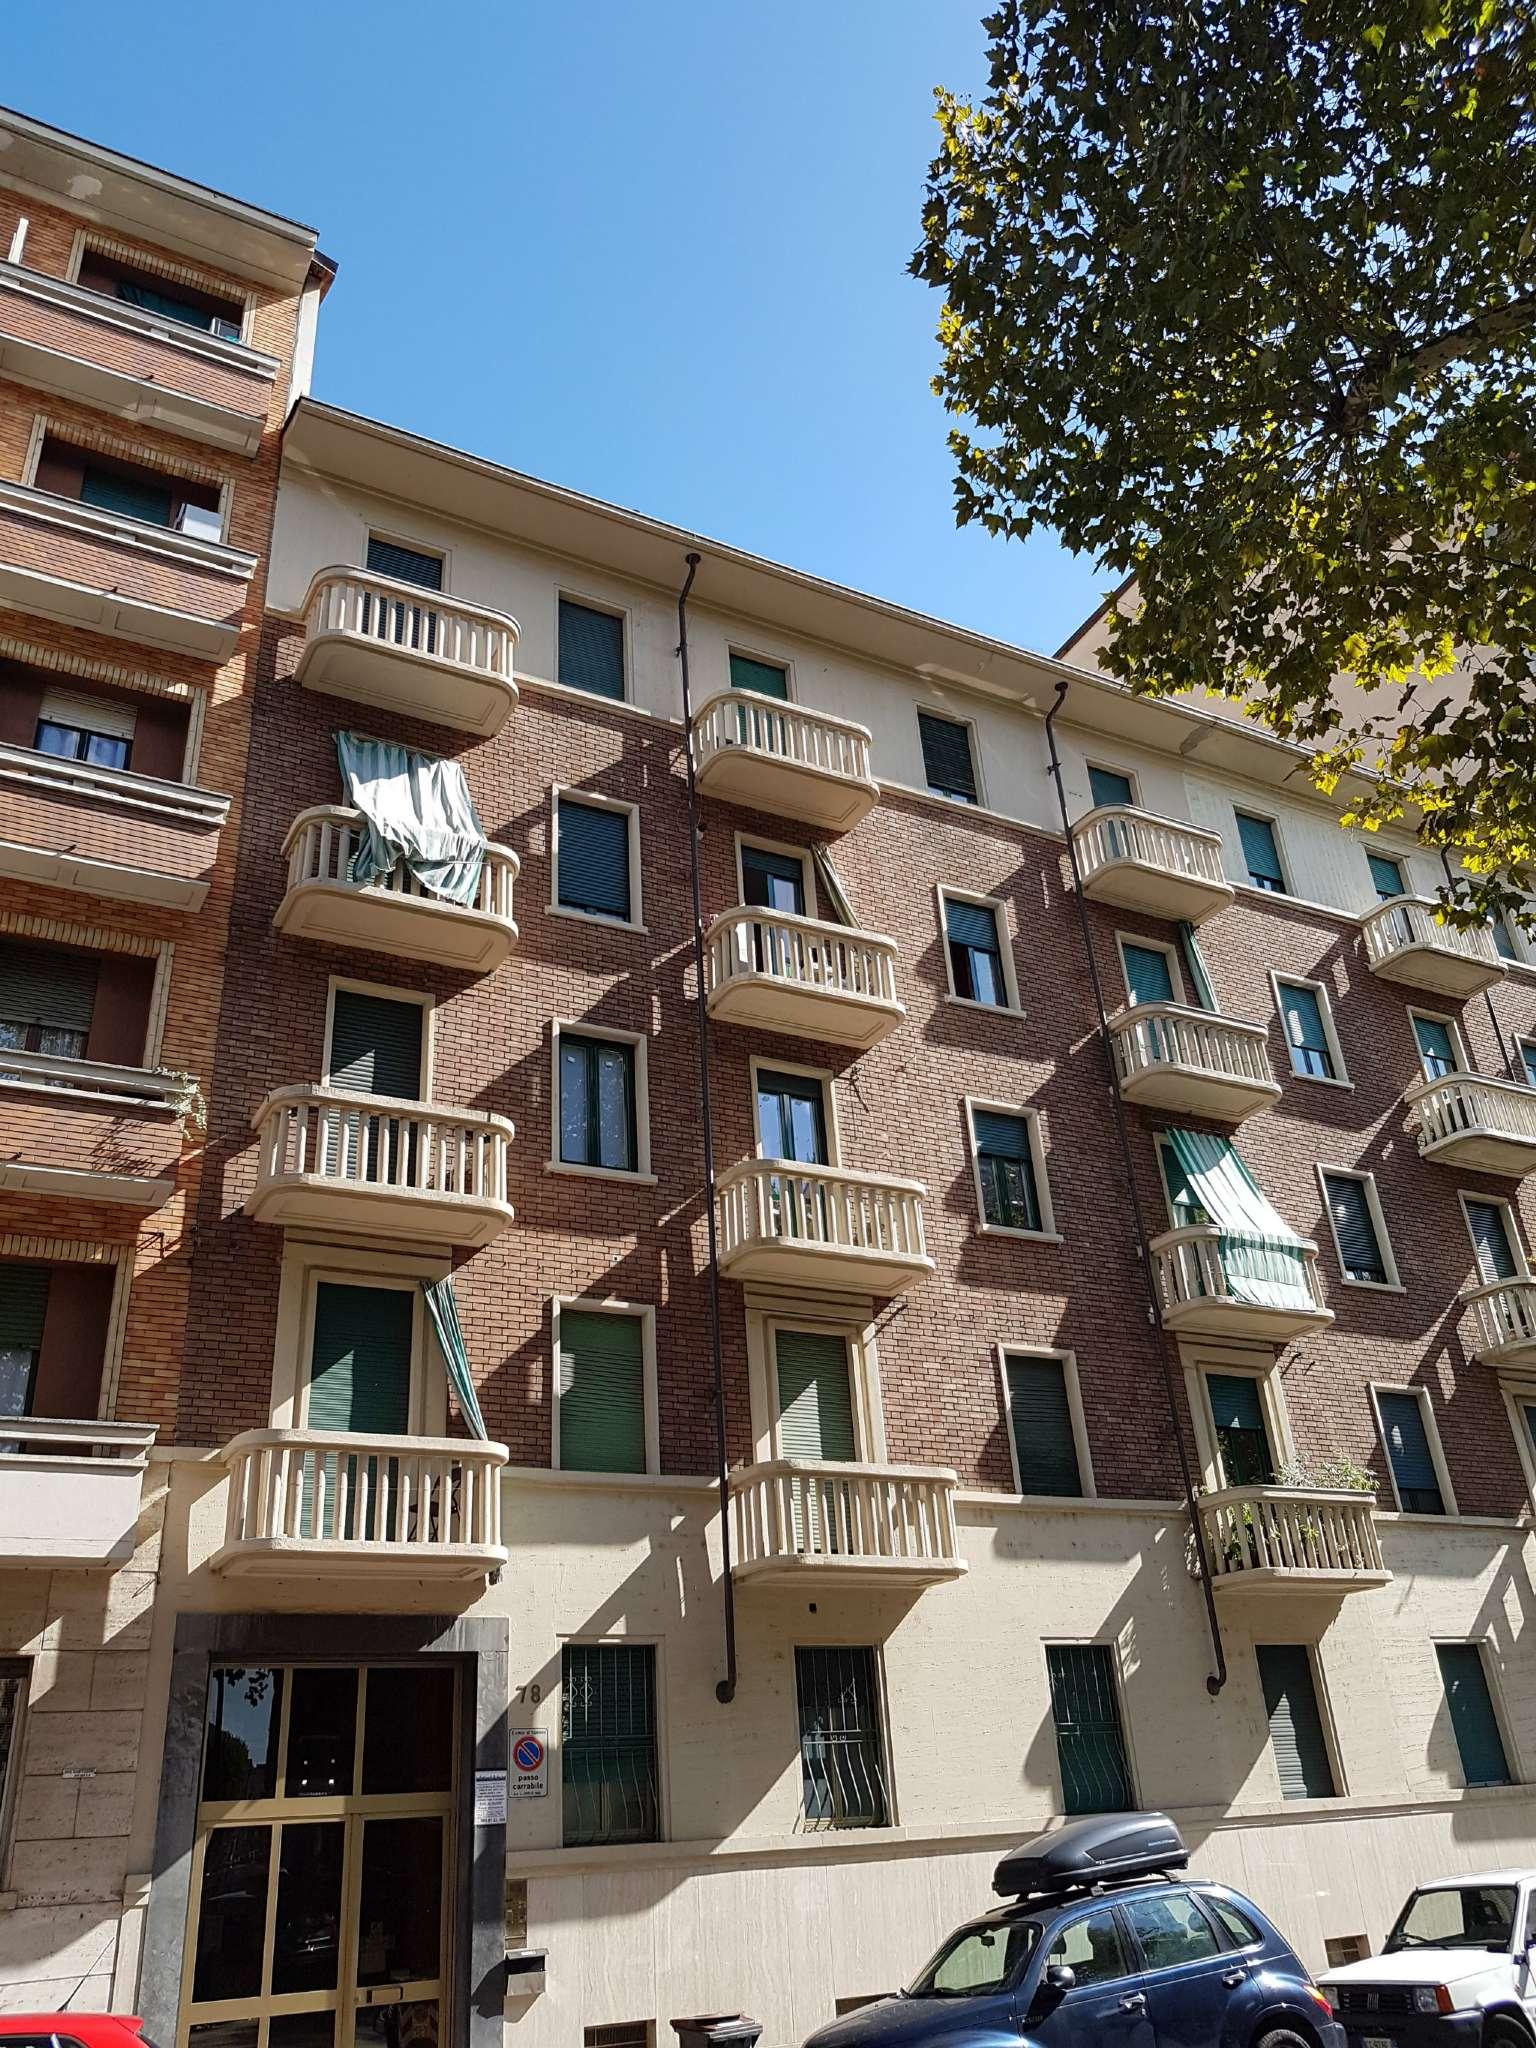 Affitto - Appartamento - Torino - AFFITTO BILOCALE RISTRUTTURATO A NUOVO - ARREDATO